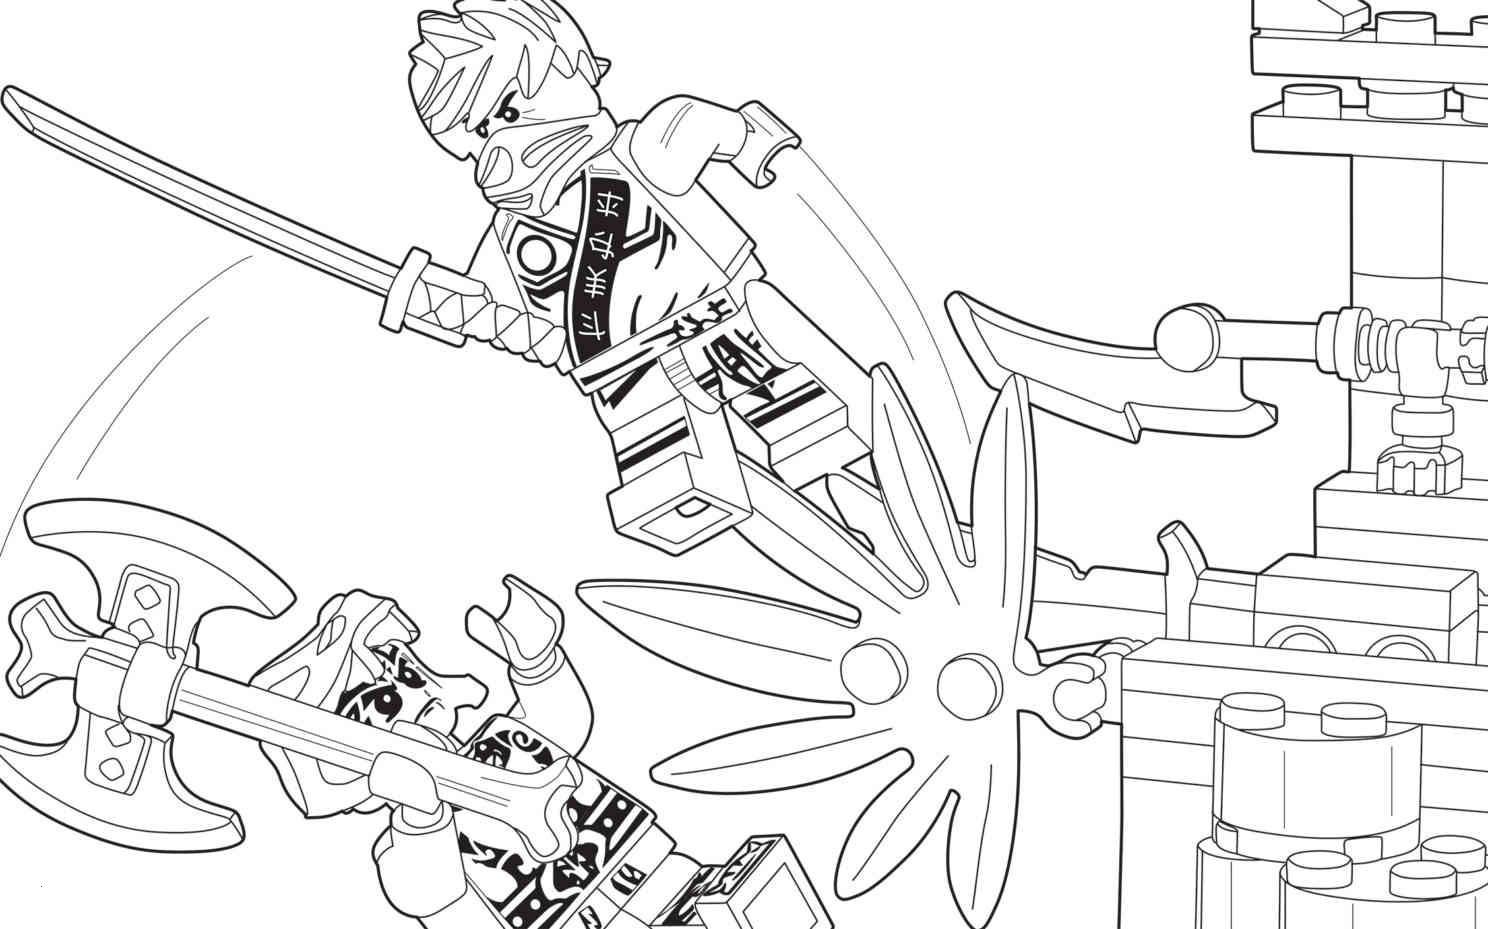 Lego Ninjago Malvorlagen Neu Ninjago Malvorlagen Zum Ausdrucken Schön 37 Lego Ninjago Lloyd Fotografieren